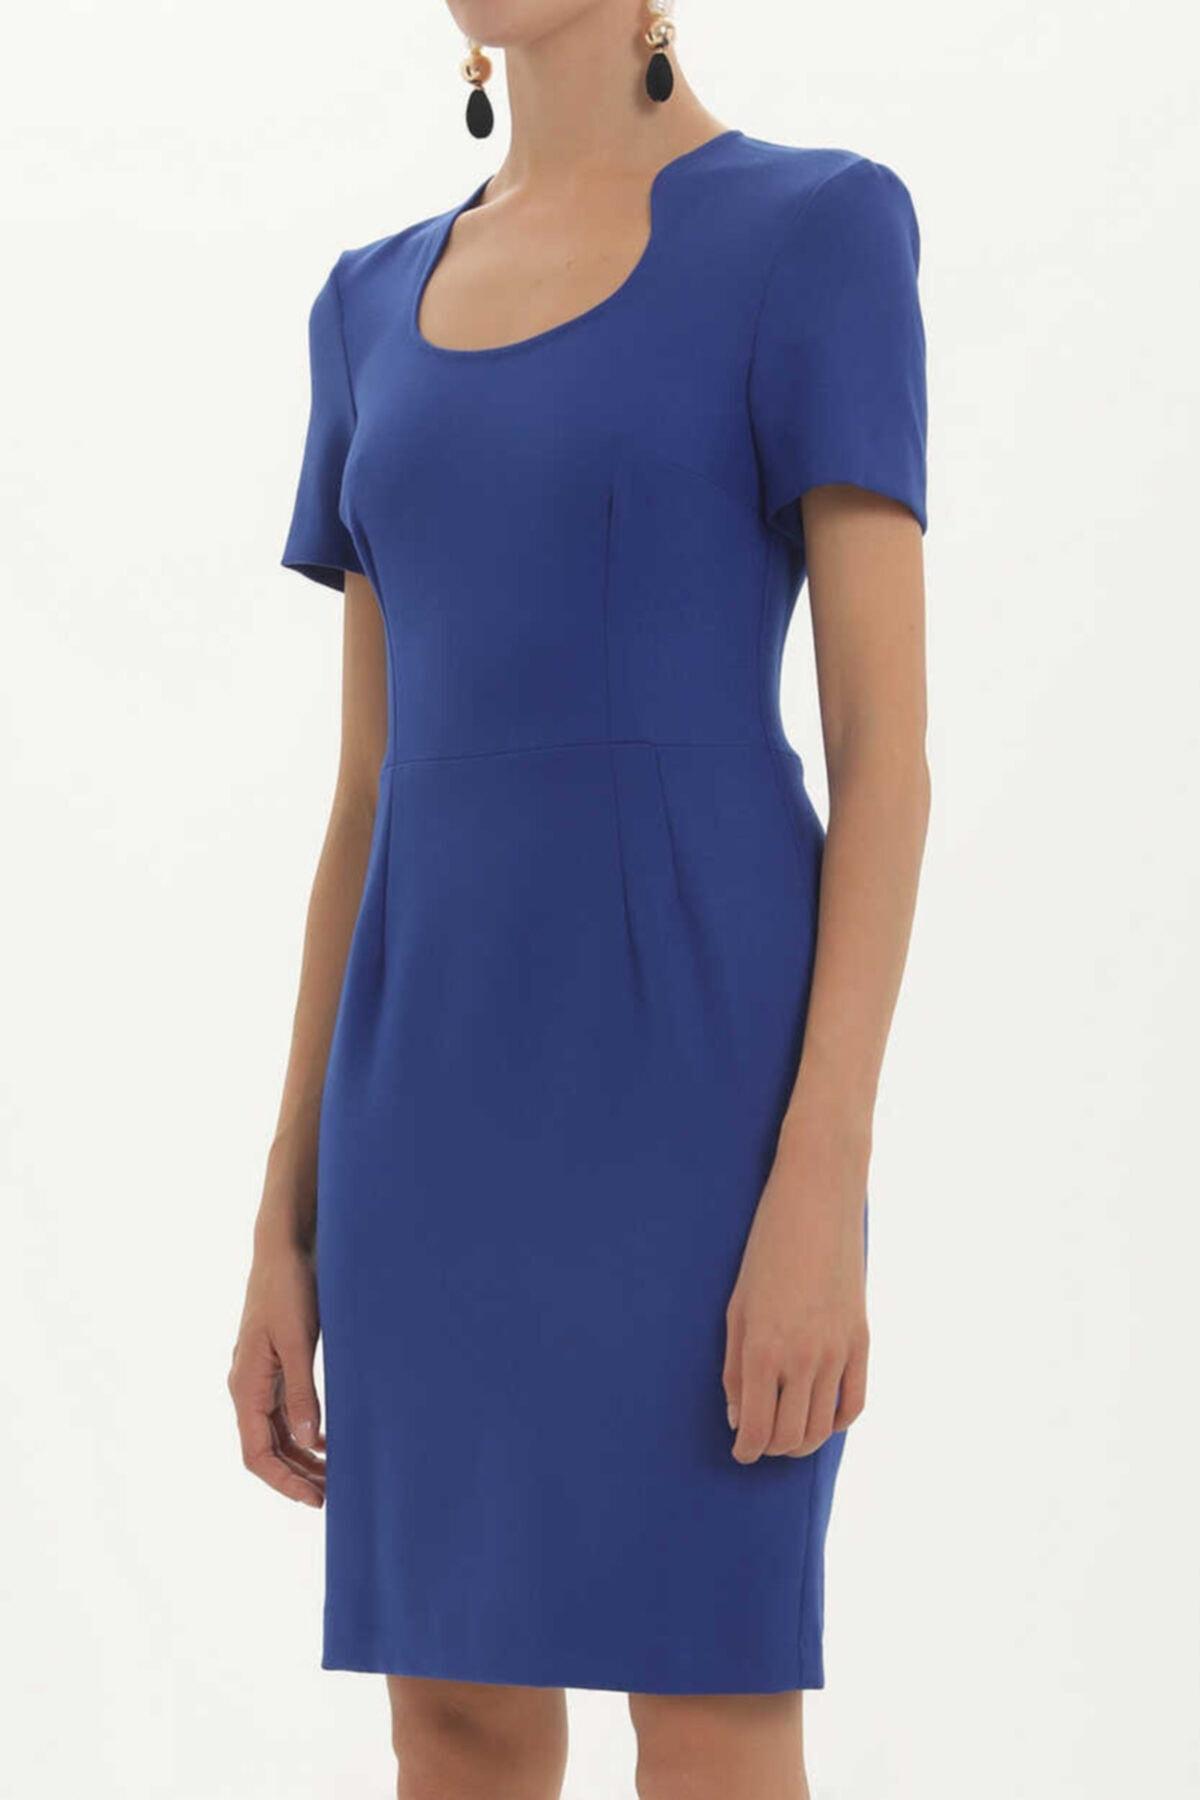 SOCIETA - Dar Kesim Likralı Elbise 91438 Gece Mavisi 2